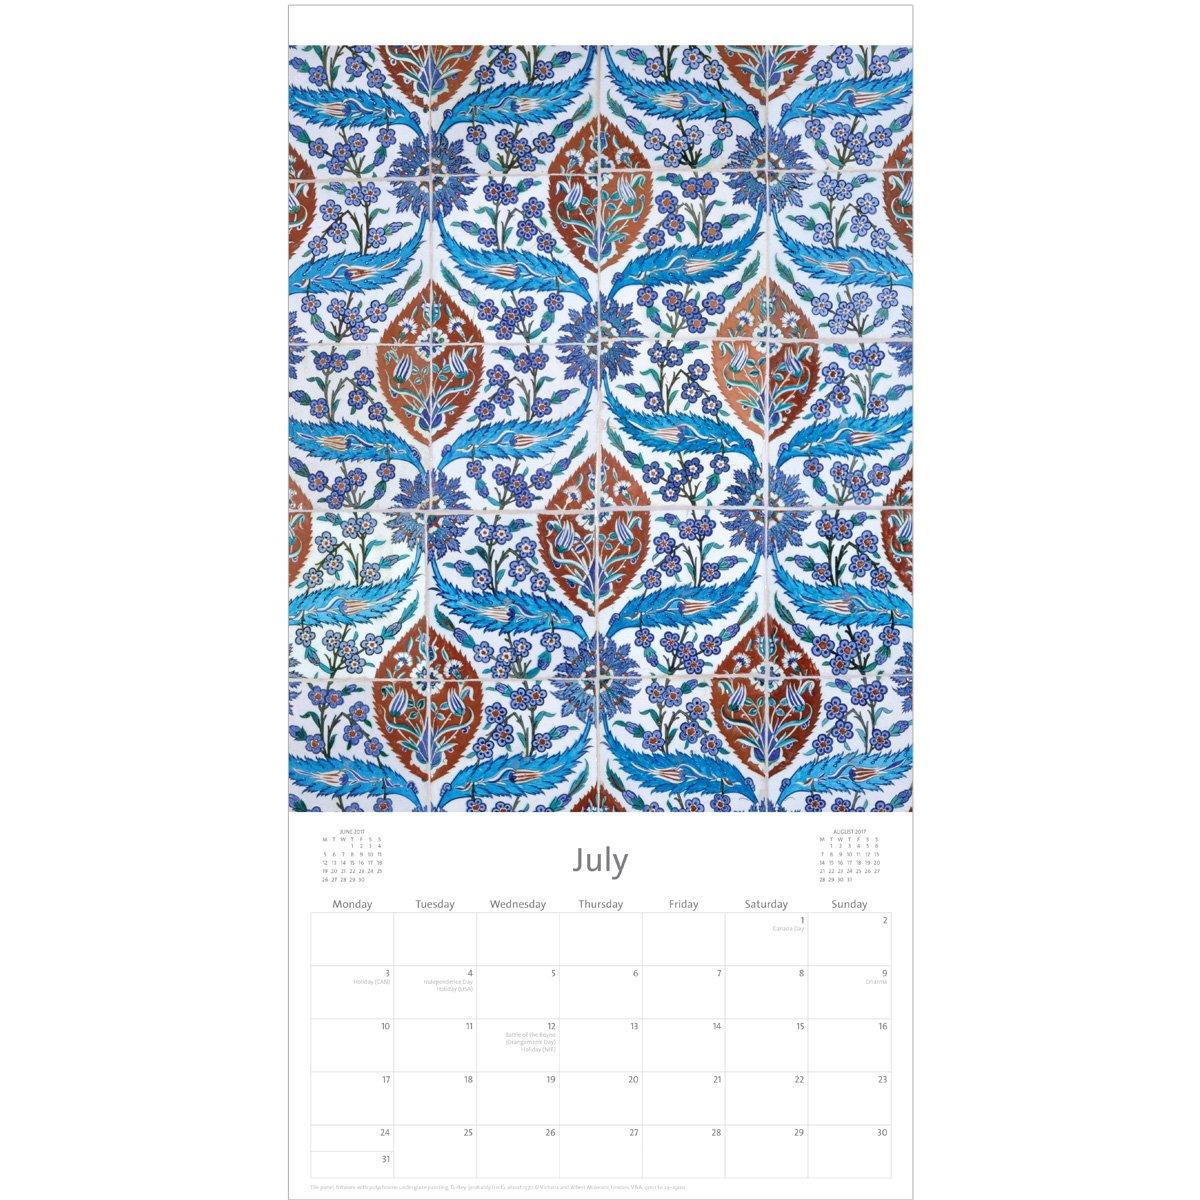 V&a Middle Eastern Patterns Calendar 2017 V&a Calendar 2019